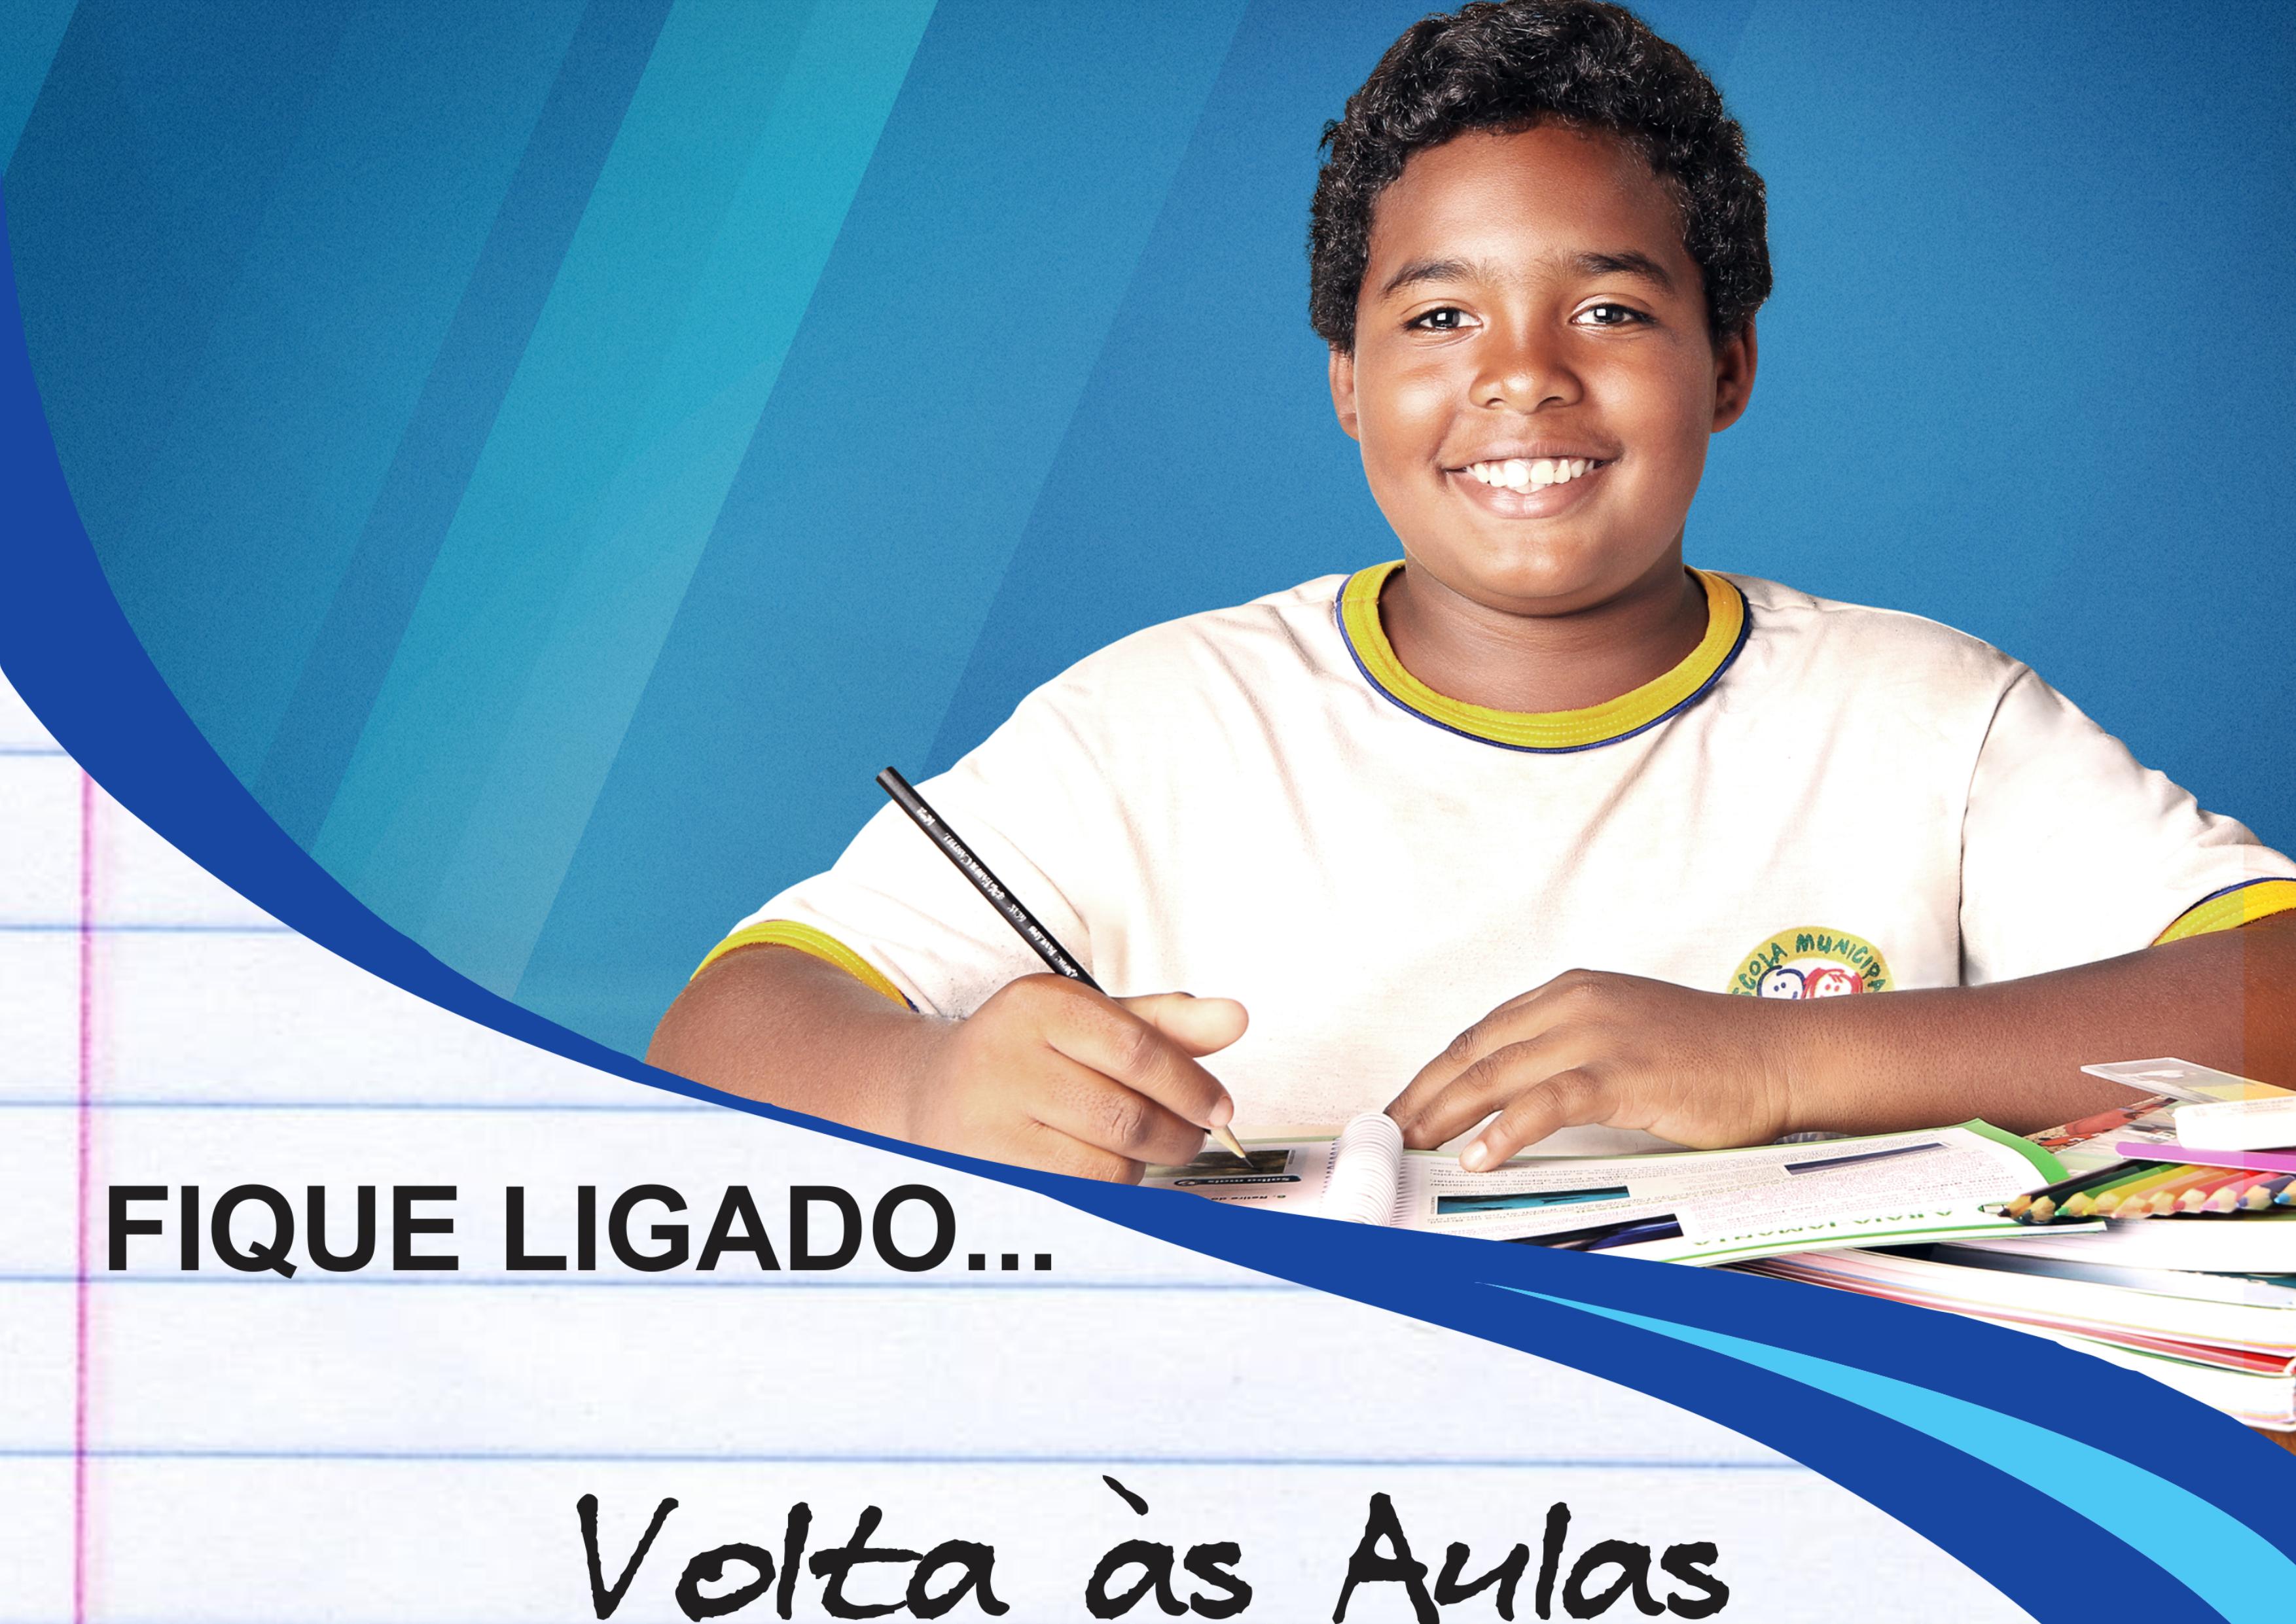 Imagem destaque notícia VOLTA ÀS AULAS - MAIS DE MIL ALUNOS RETORNARÃO ÀS SALAS DE AULA NESTA QUINTA-FEIRA